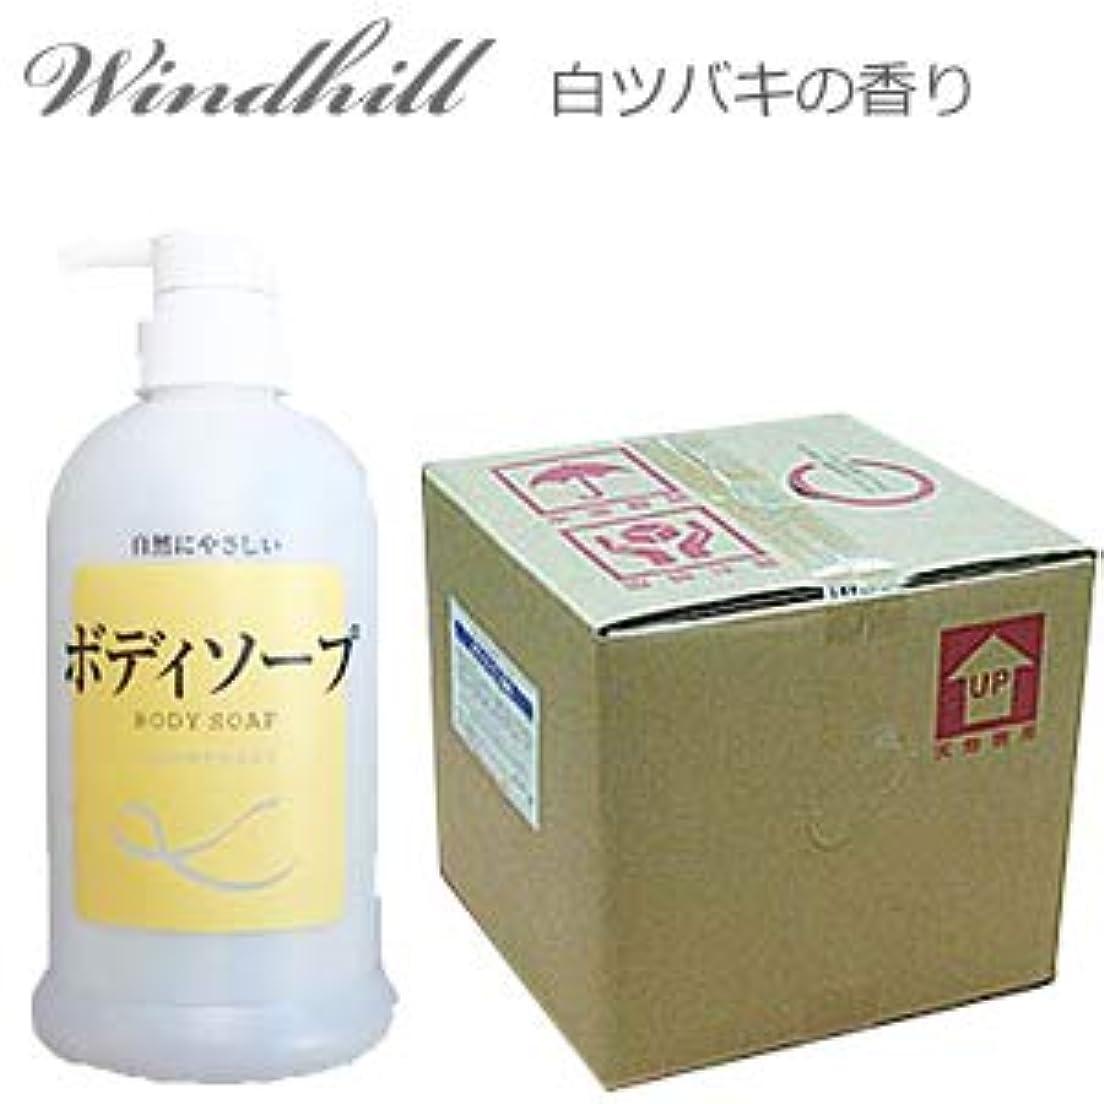 おなじみのフレア再撮りなんと! 500ml当り175円 Windhill 植物性 業務用 ボディソープ  白ツバキの香り 20L